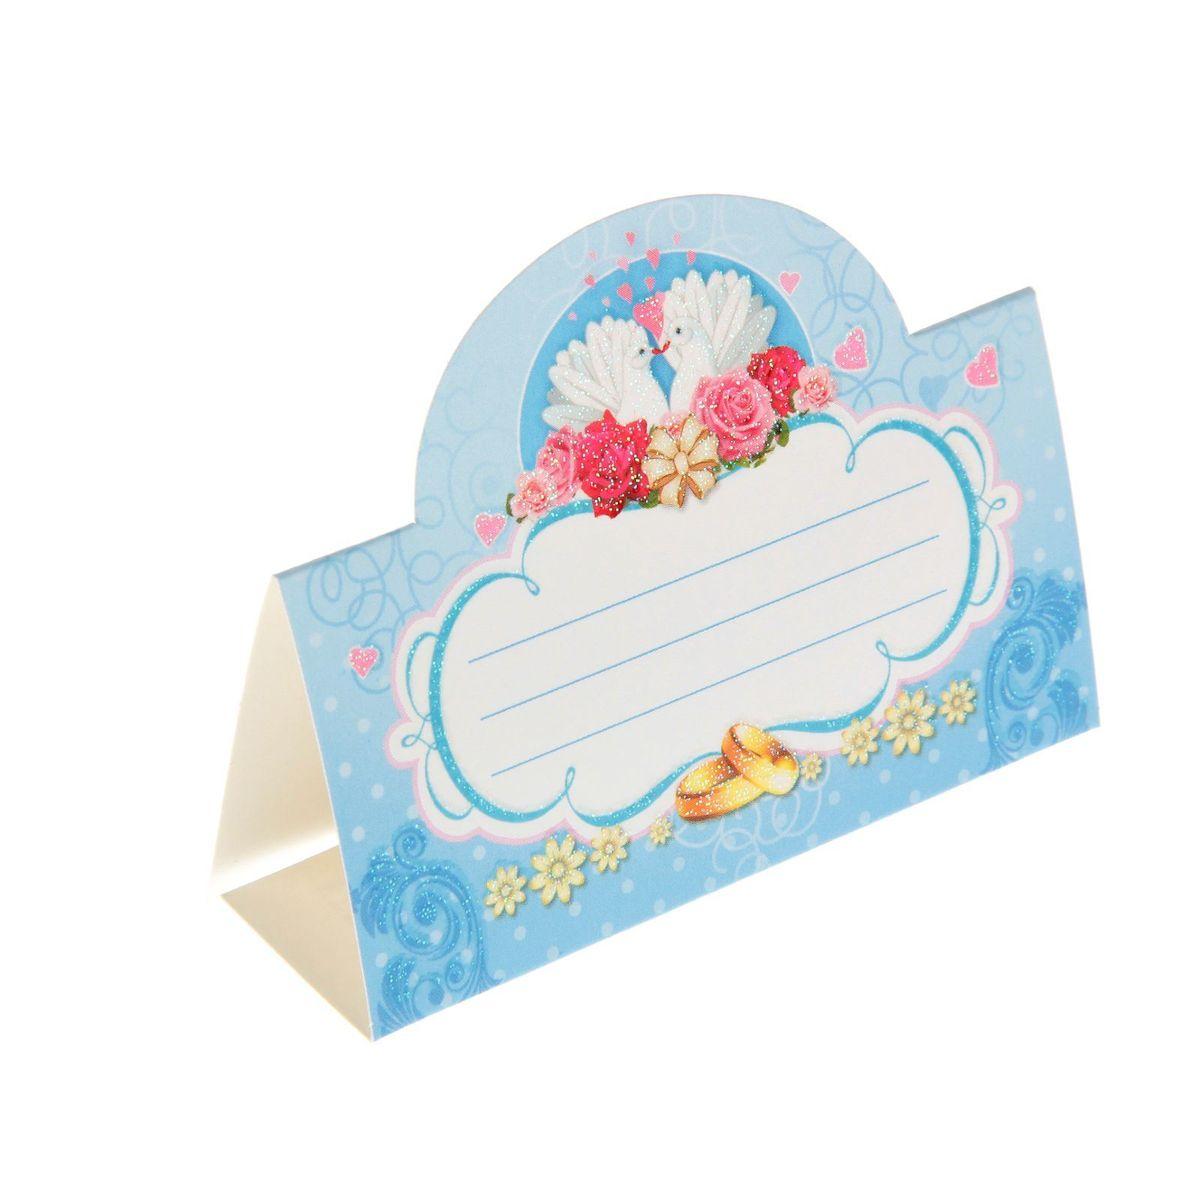 Банкетная карточка Миленд, цвет: голубой1218707Красиво оформленный свадебный стол - это эффектное, неординарное и очень значимое обрамление для проведения любого запланированного вами торжества. Банкетная карточка Миленд - красивое и оригинальное украшение зала, которое дополнит выдержанный стиль мероприятия и передаст праздничное настроение вам и вашим гостям.